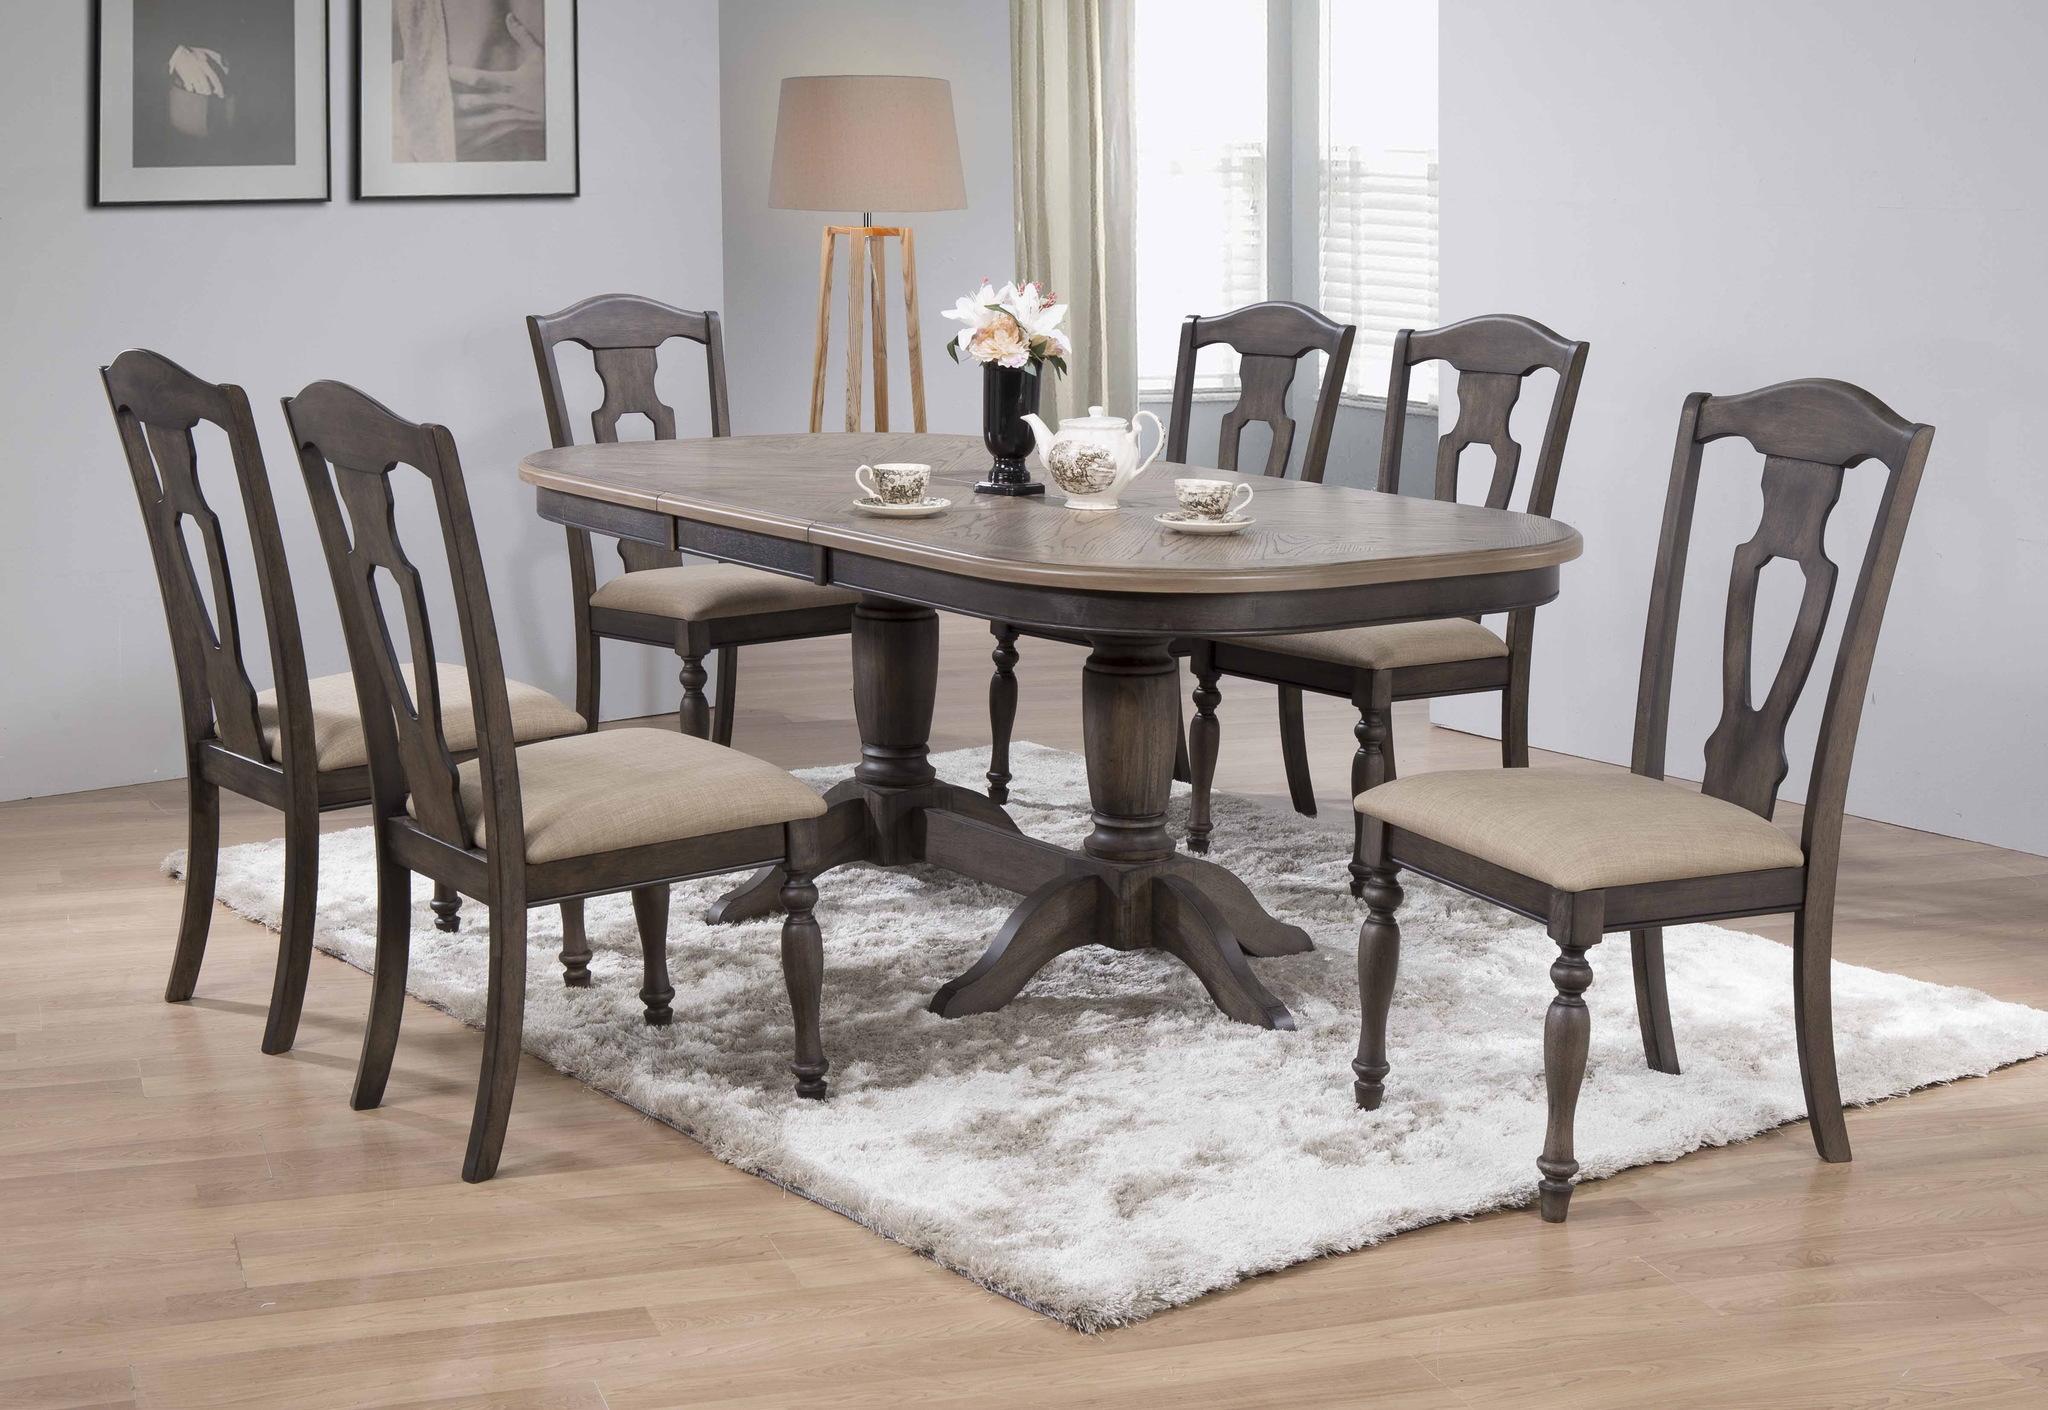 стол и стулья для гостиной идеи фото